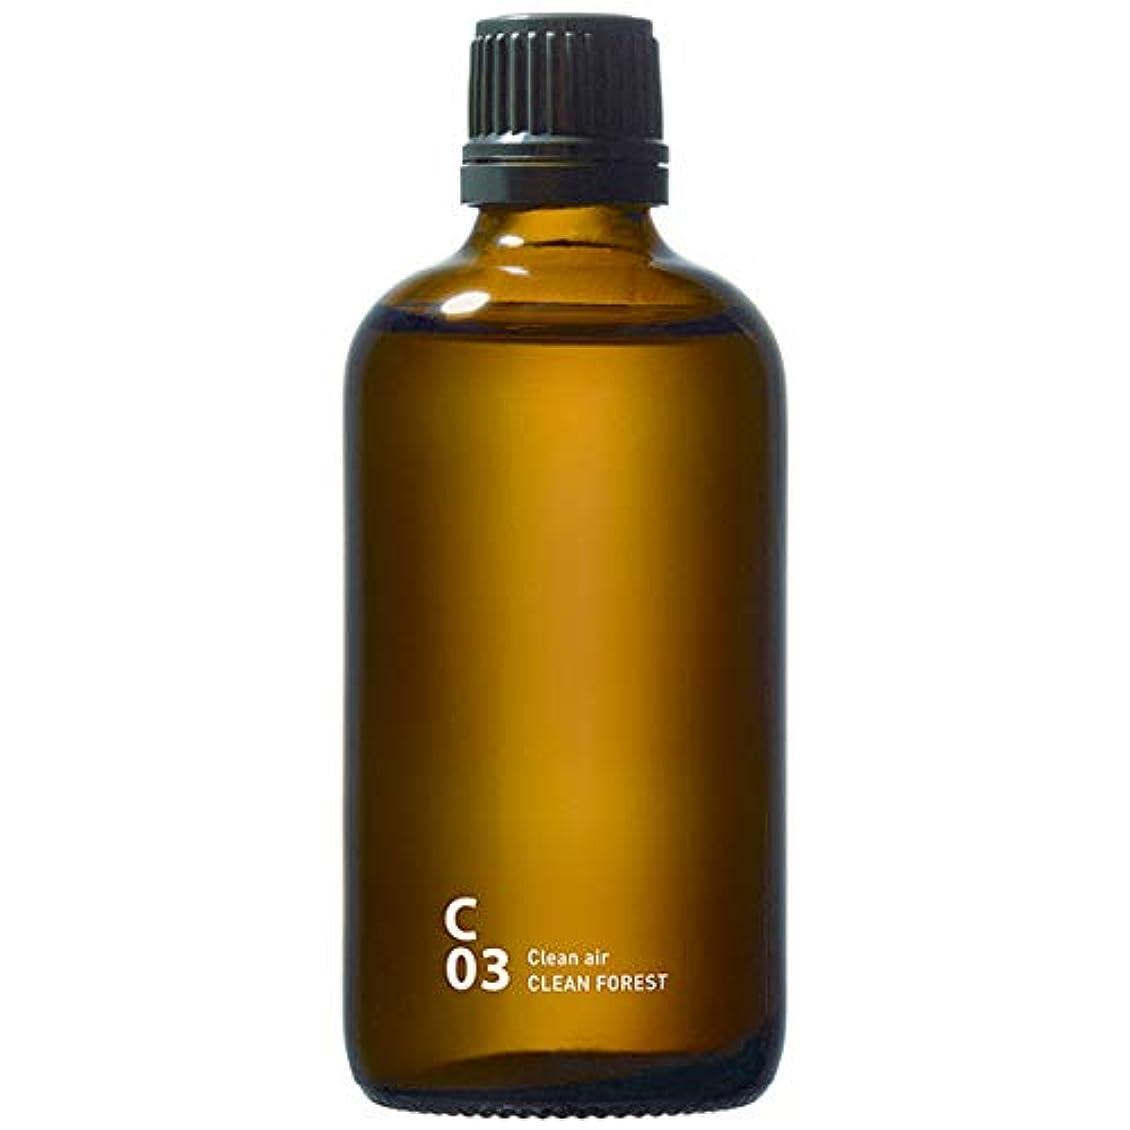 アーサーコナンドイル相続人世界的にC03 CLEAN FOREST piezo aroma oil 100ml